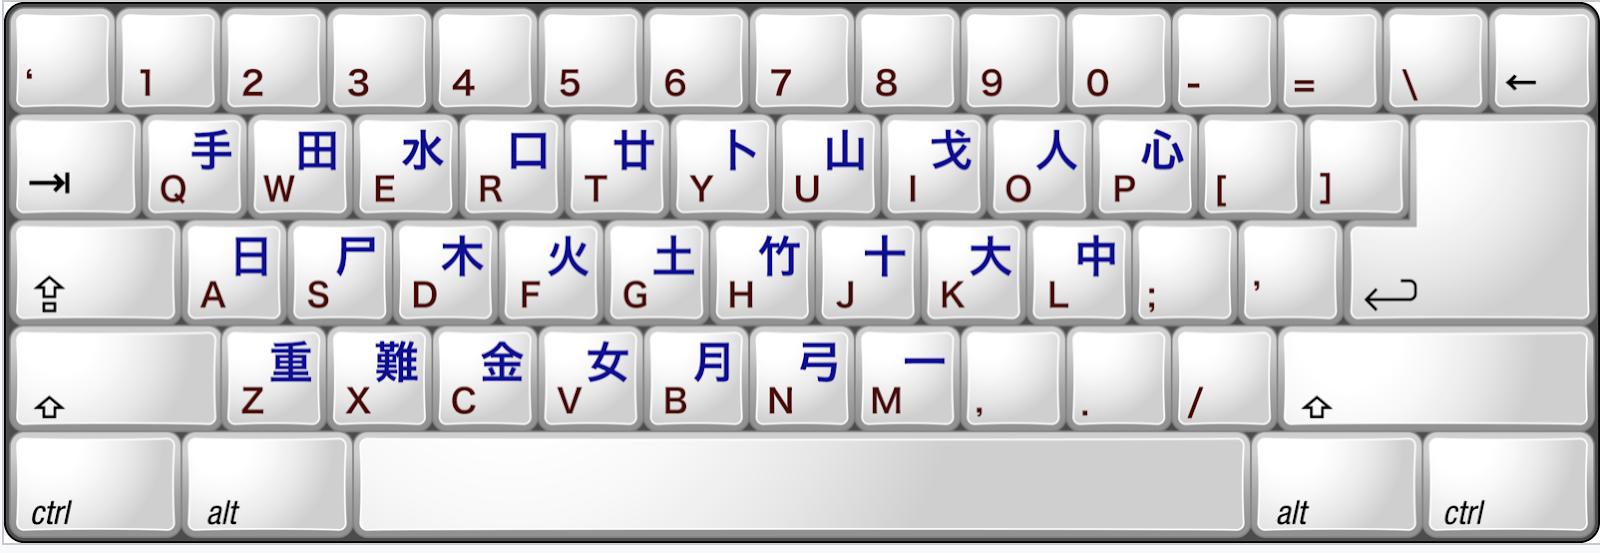 Cangjie Keyboard Layout